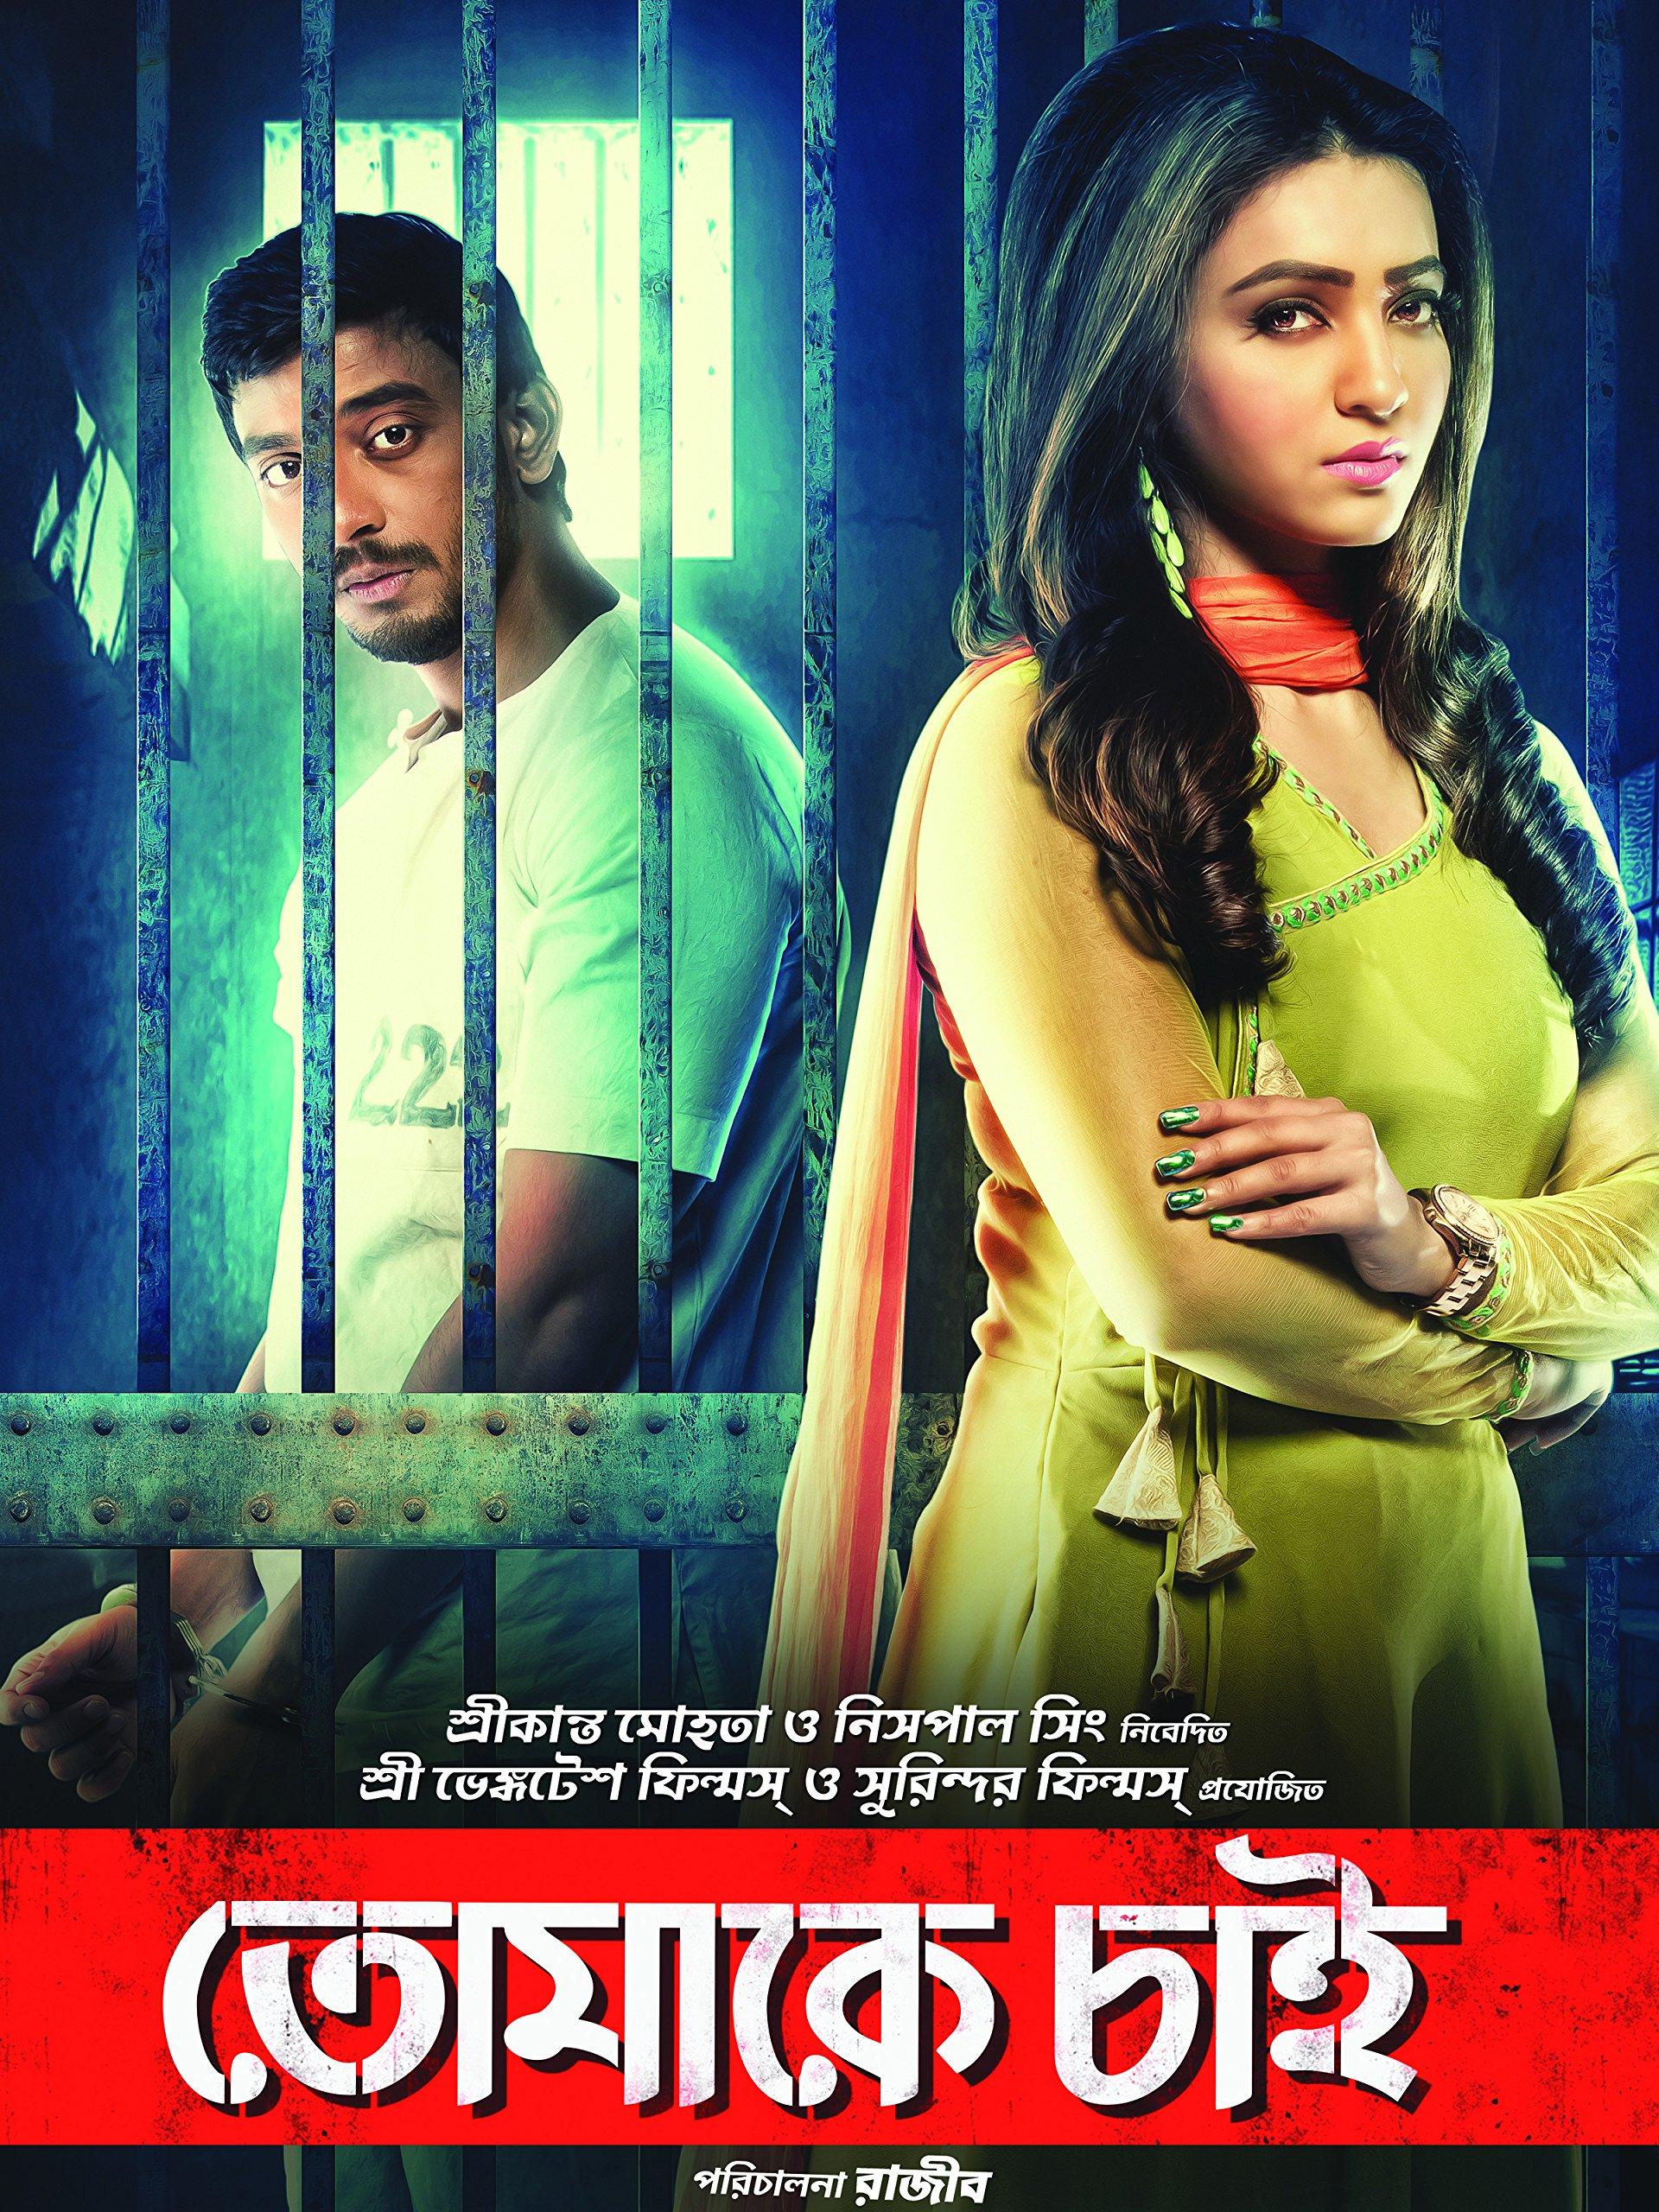 Tomake Chai (2017) Bengali 720p HEVC HDRip x265 AAC ESubs Full Bengali Movie [600MB]